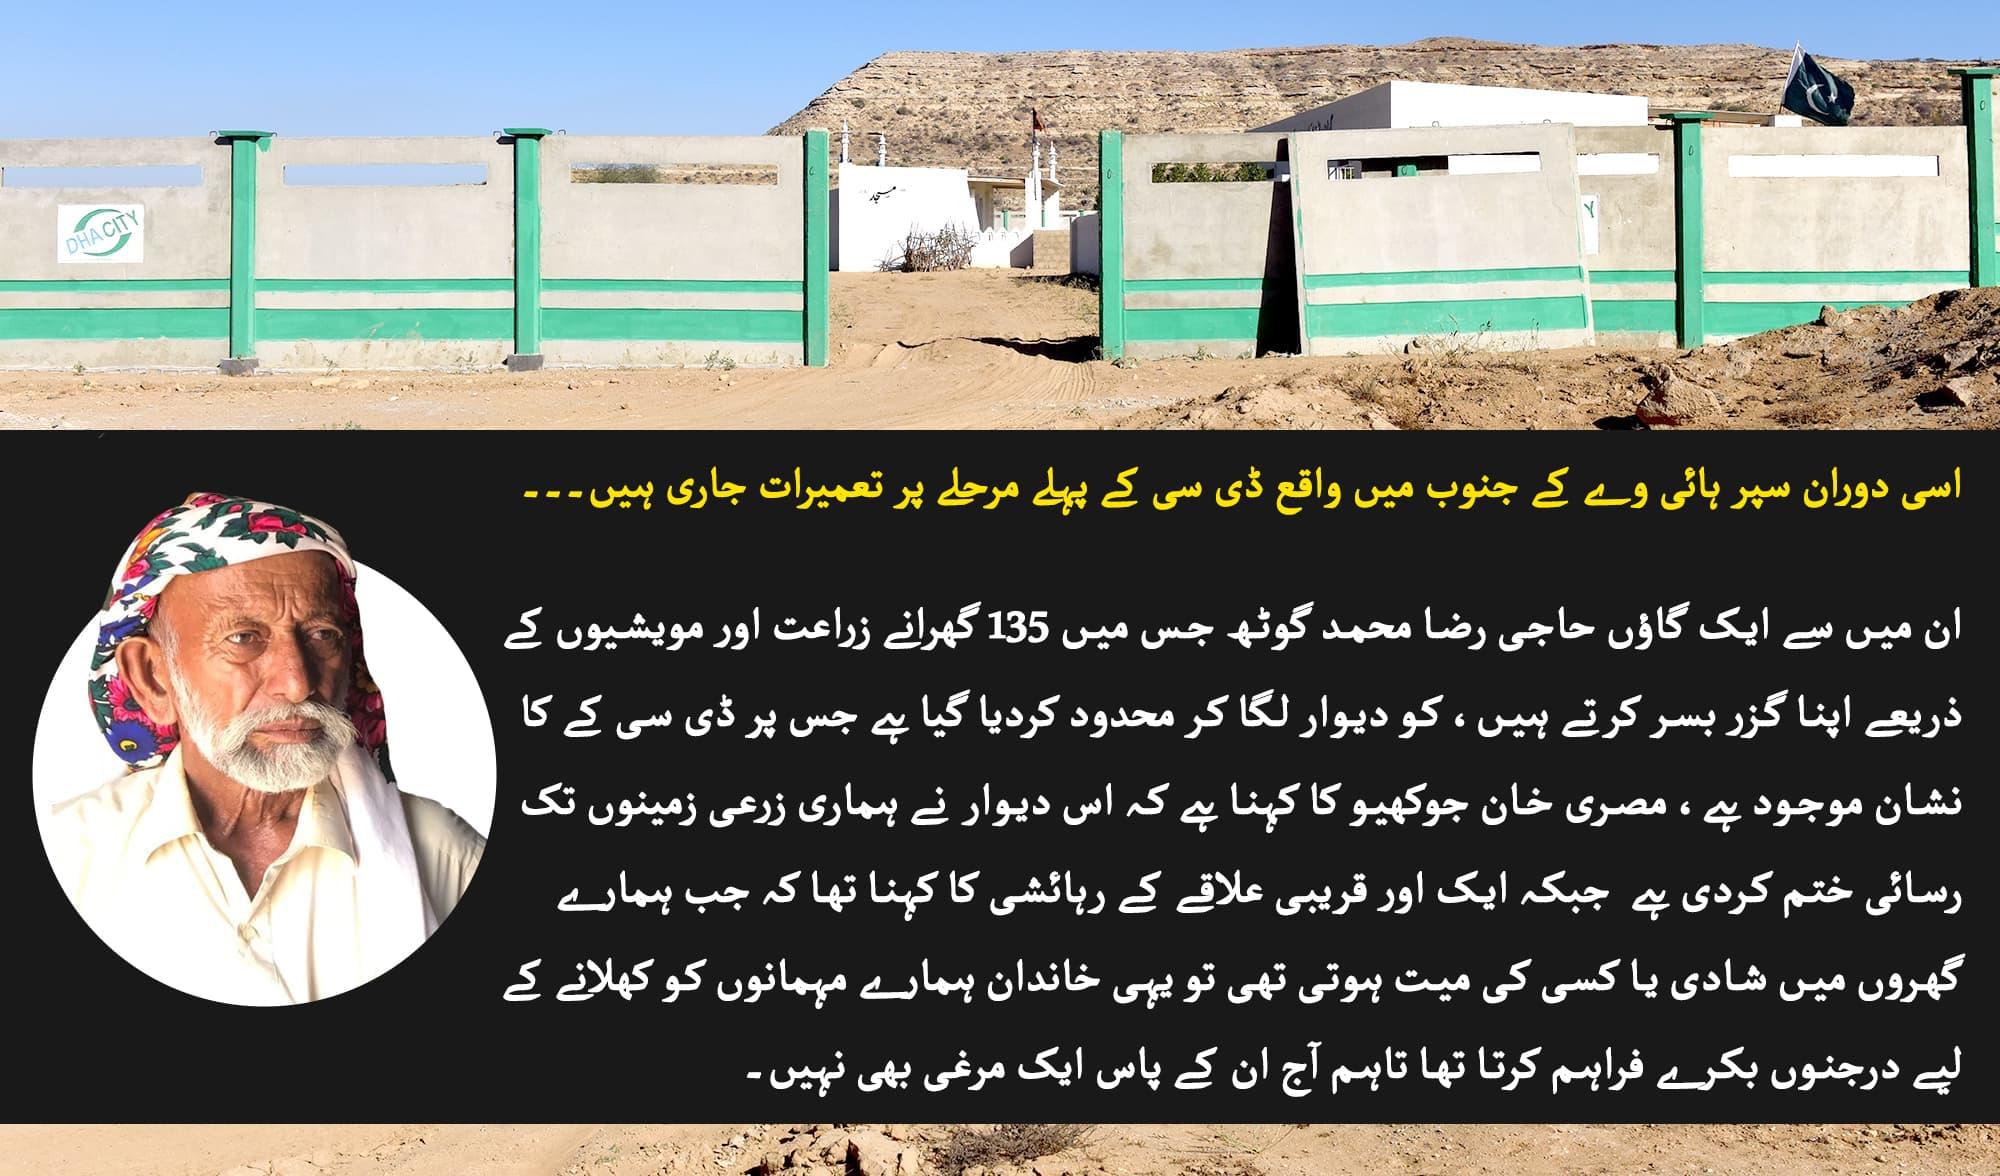 حاجی رضا محمد گوٹھ کے مصری خان جوکھیو (آگے)، جن کا گاؤں ڈی سی کے کے پہلے فیز میں آتا ہے، اور دیہہ ابدار کا ایک گاؤں  (پیچھے) چار دیواری میں قید نظر آرہا ہے—فوٹو:فہیم صدیقی/وائٹ اسٹار